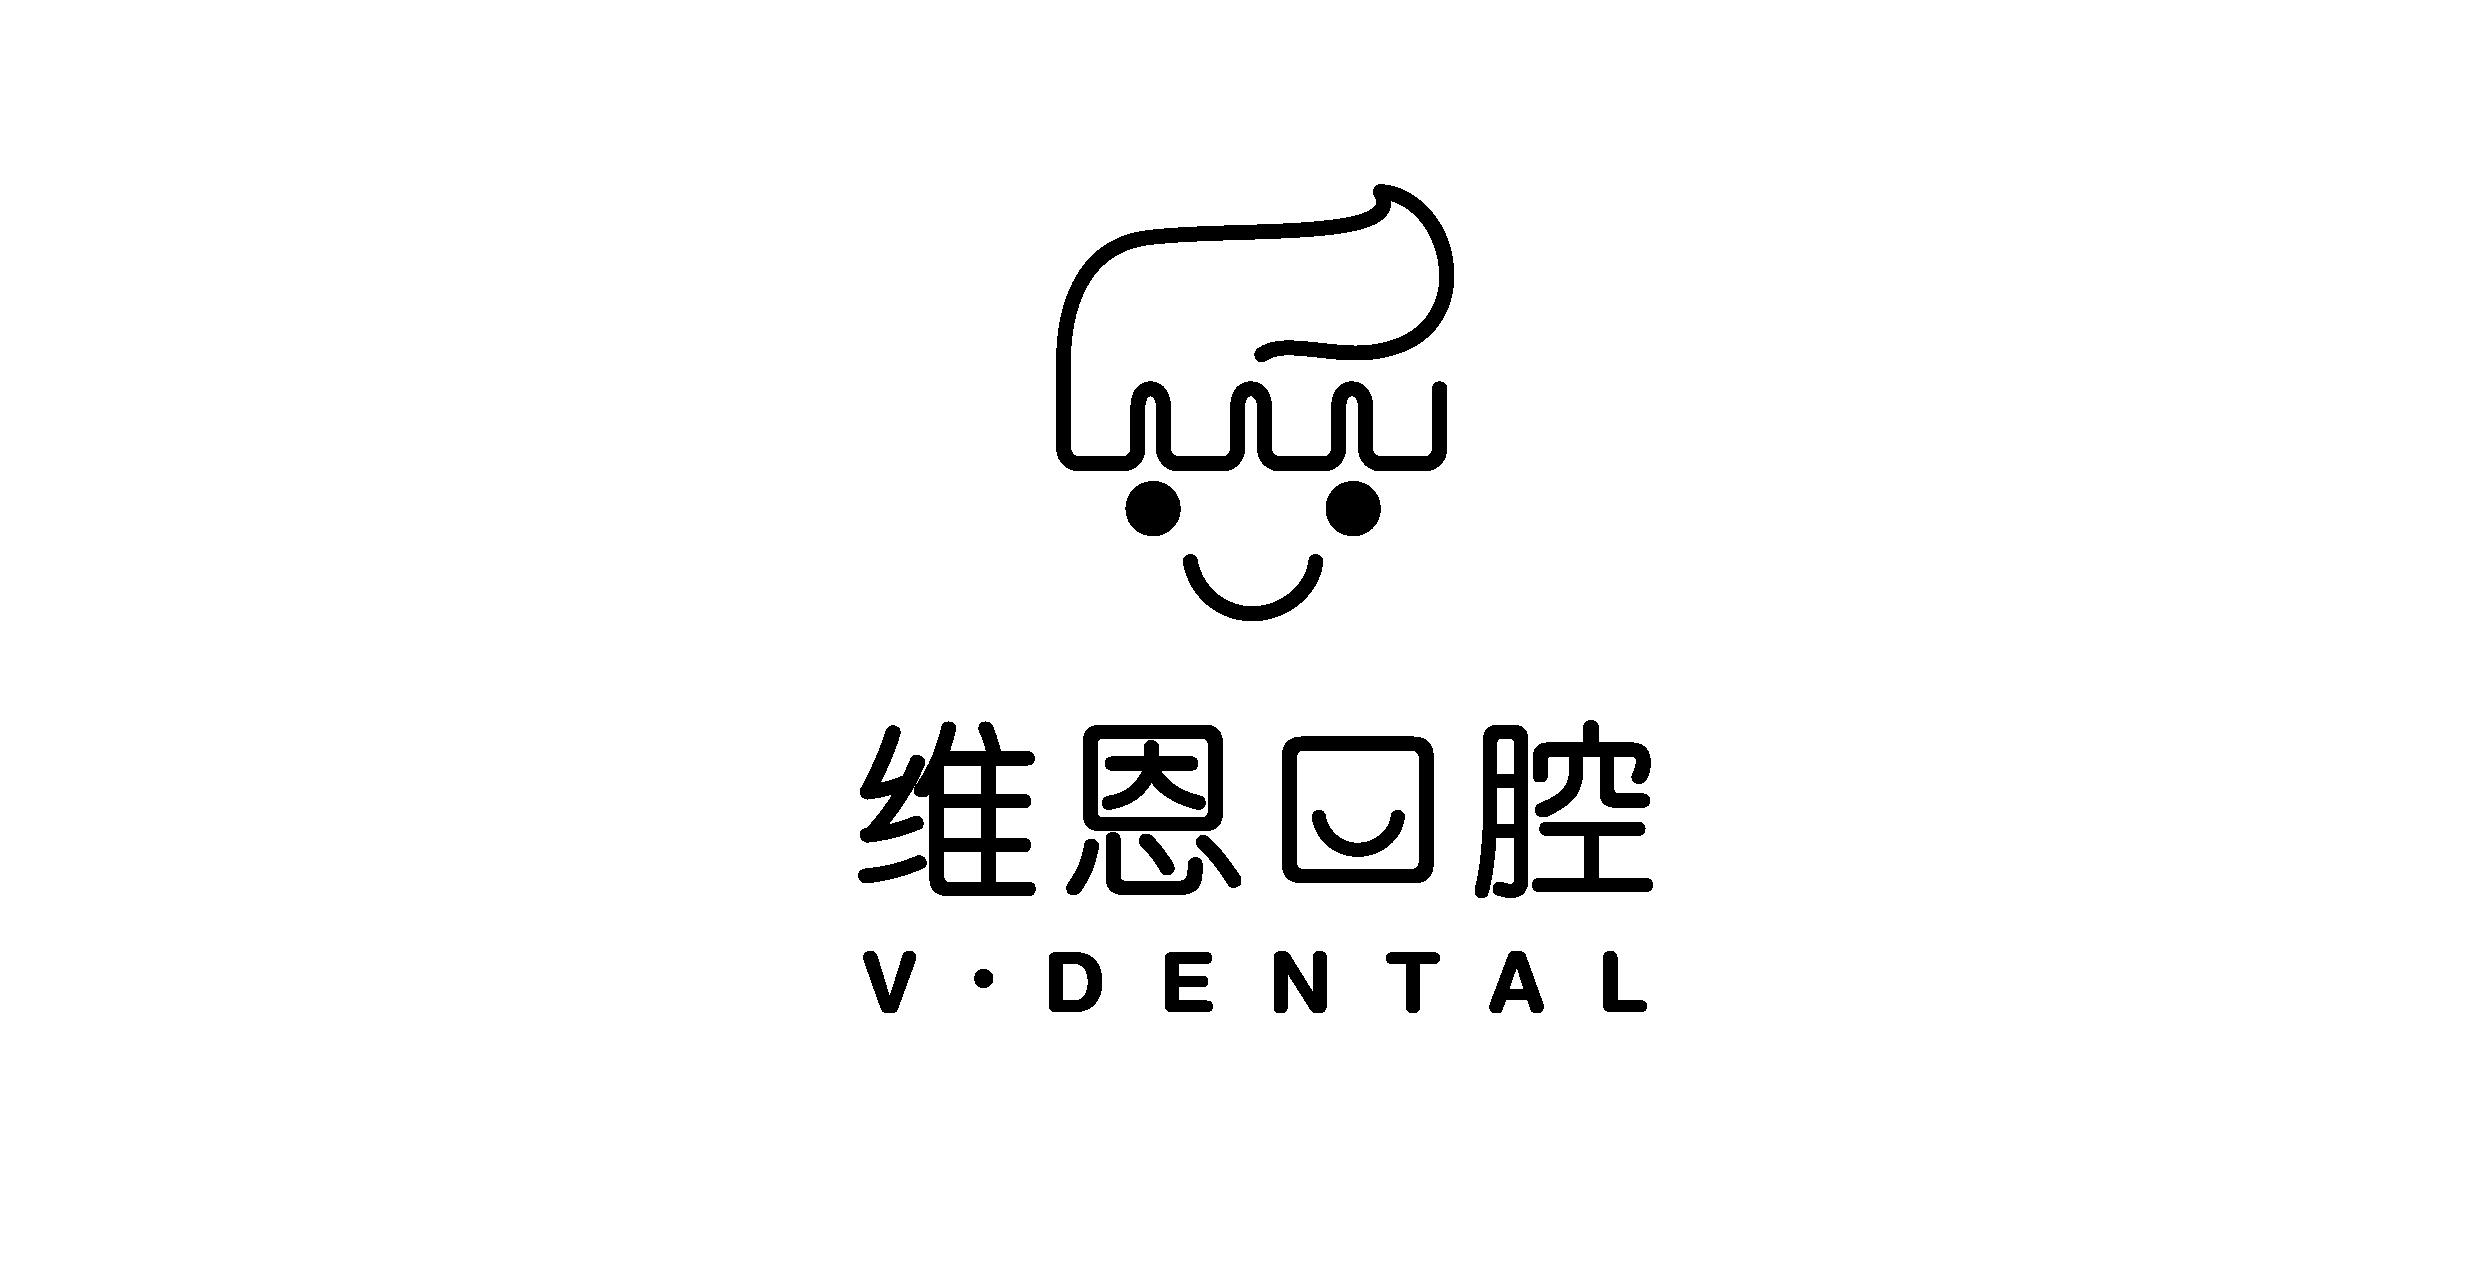 大同市中科唯实矿山科技有限公司的企业标志